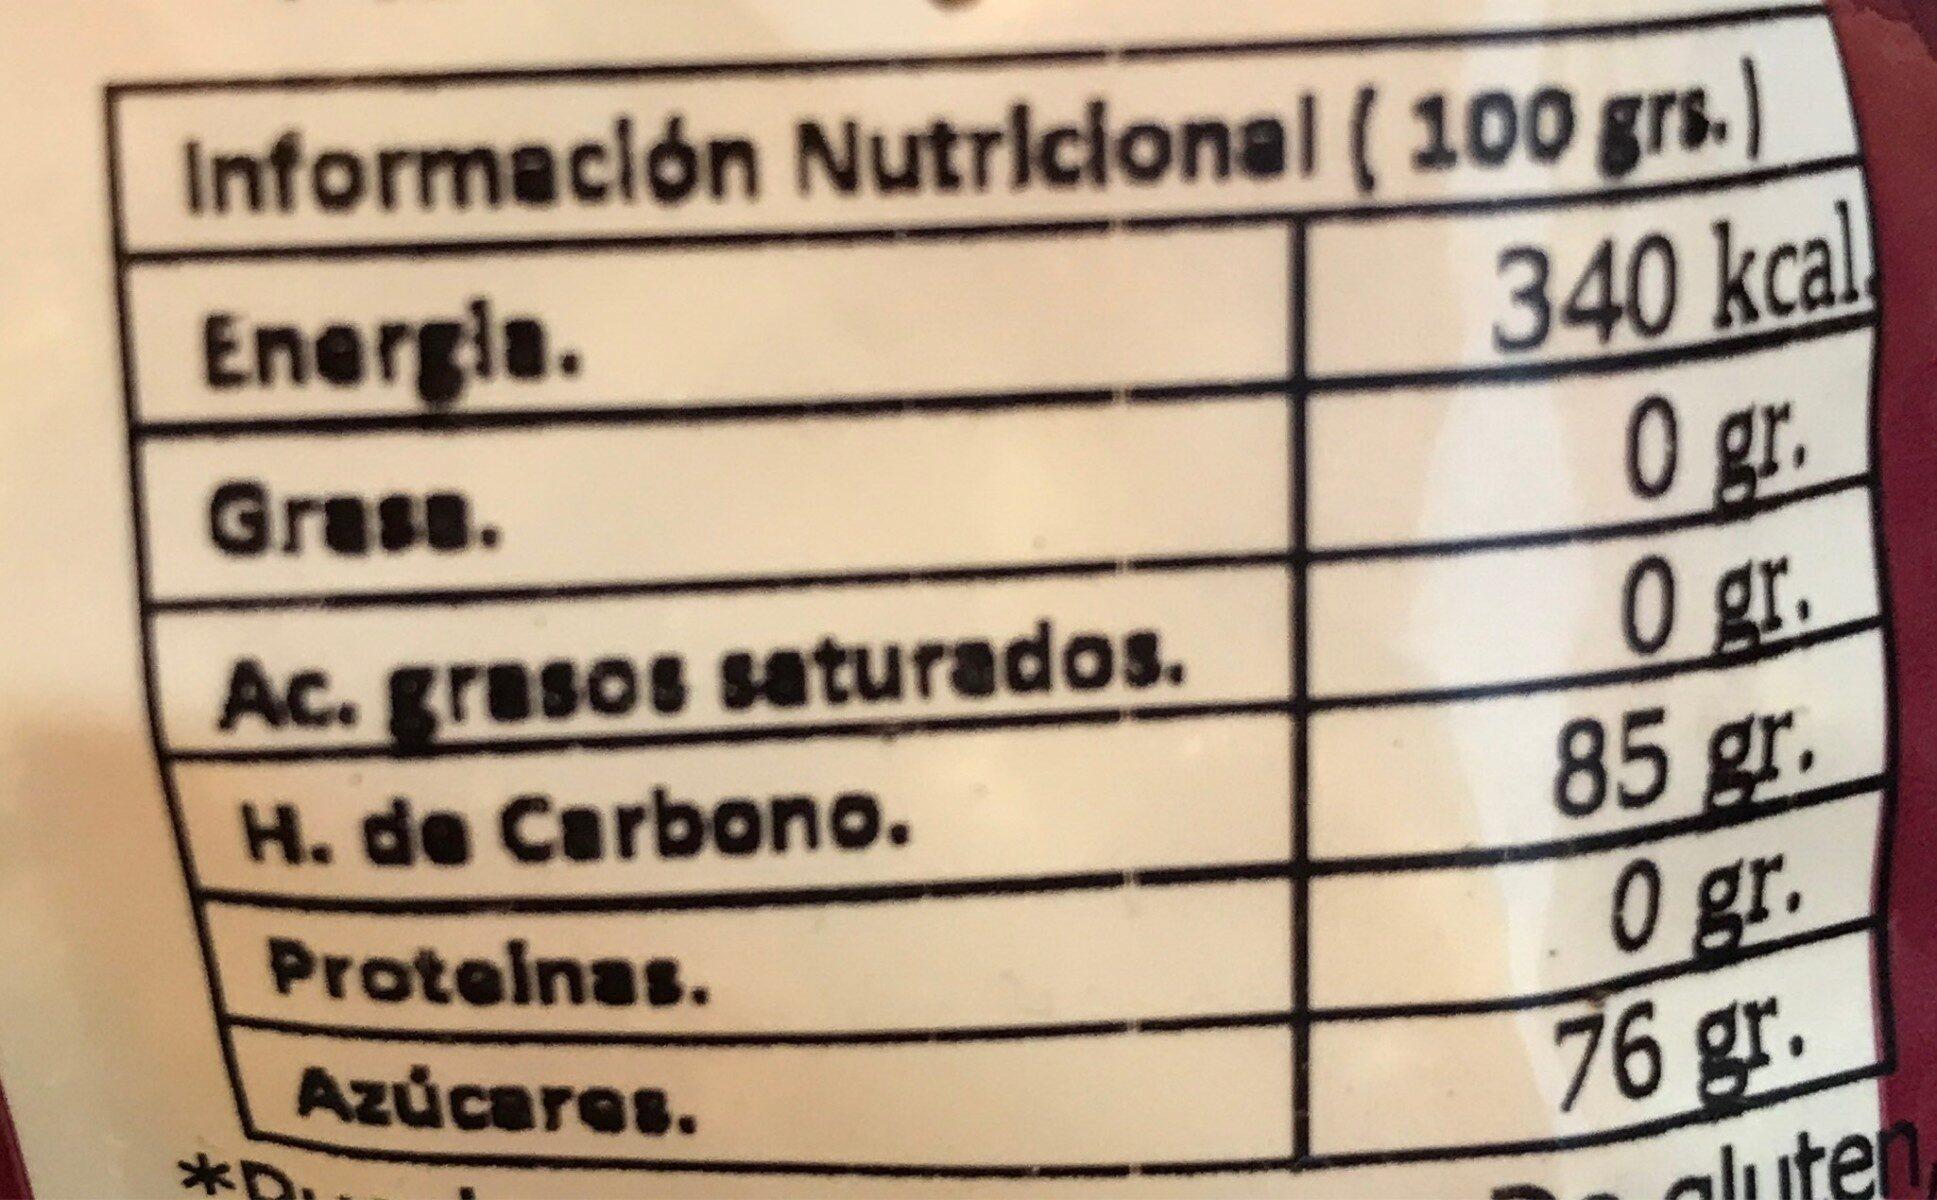 Papaya deshidratada y azucarada - Información nutricional - es